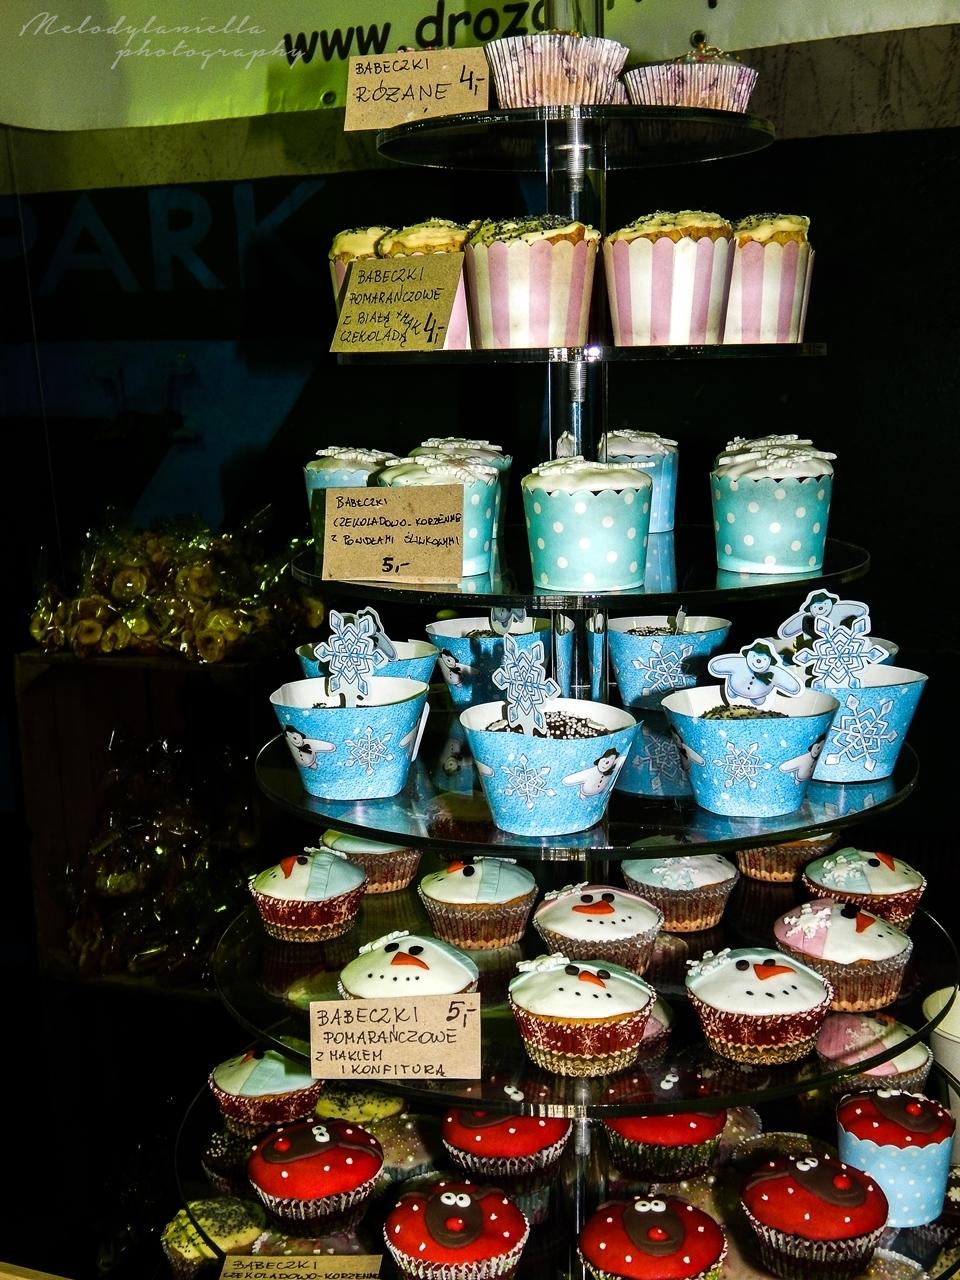 Boże Narodzenie świąteczne babeczki wypieki pomysły muffins cupacake